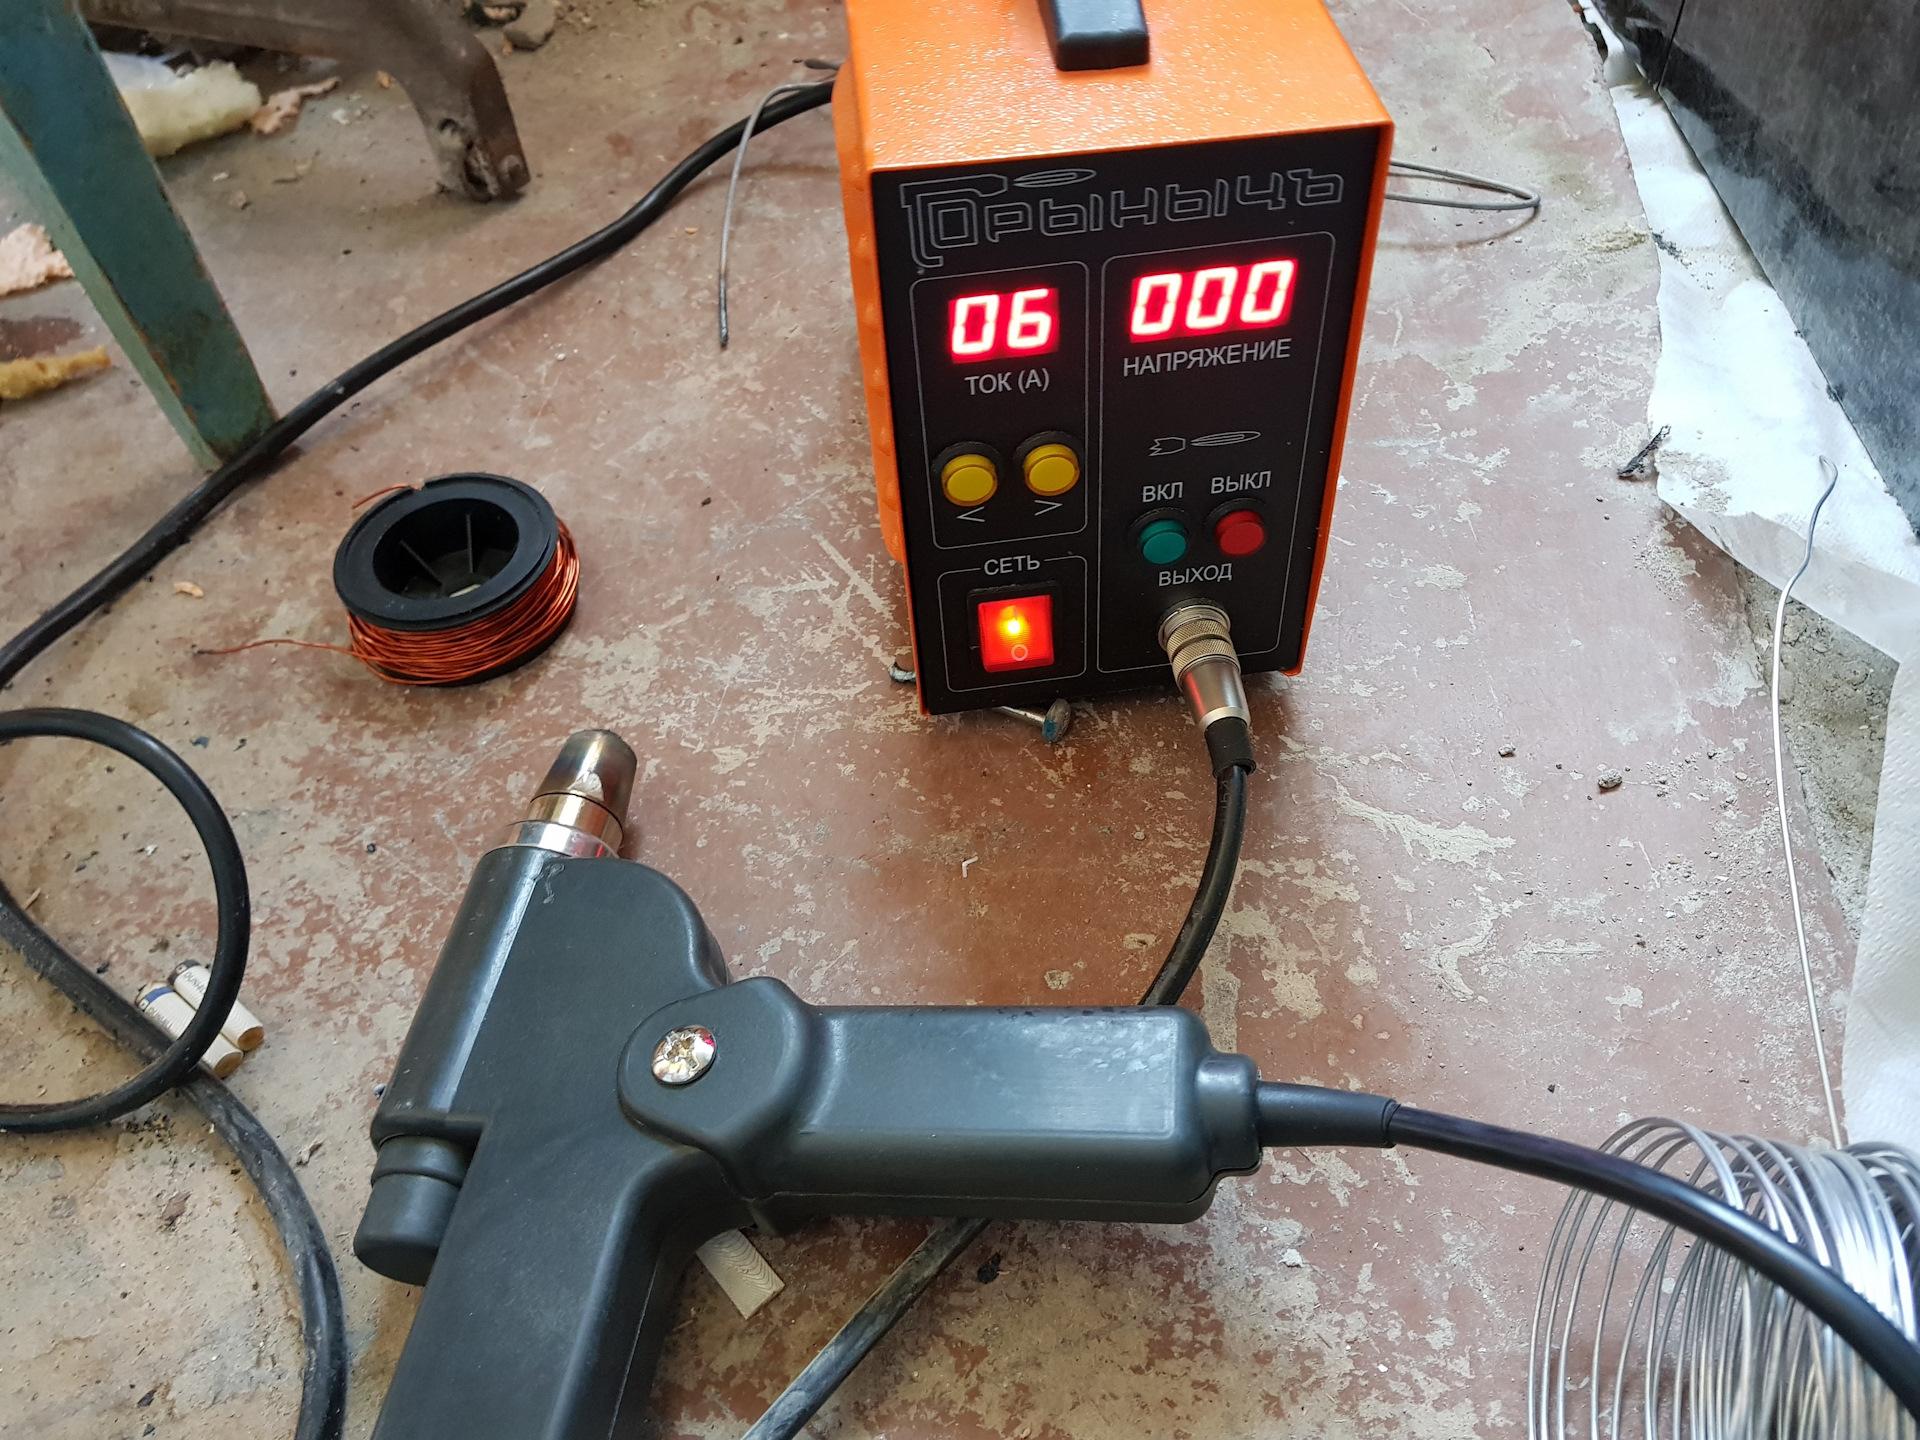 Сварочный плазменный аппарат «горыныч»: его цена и возможности